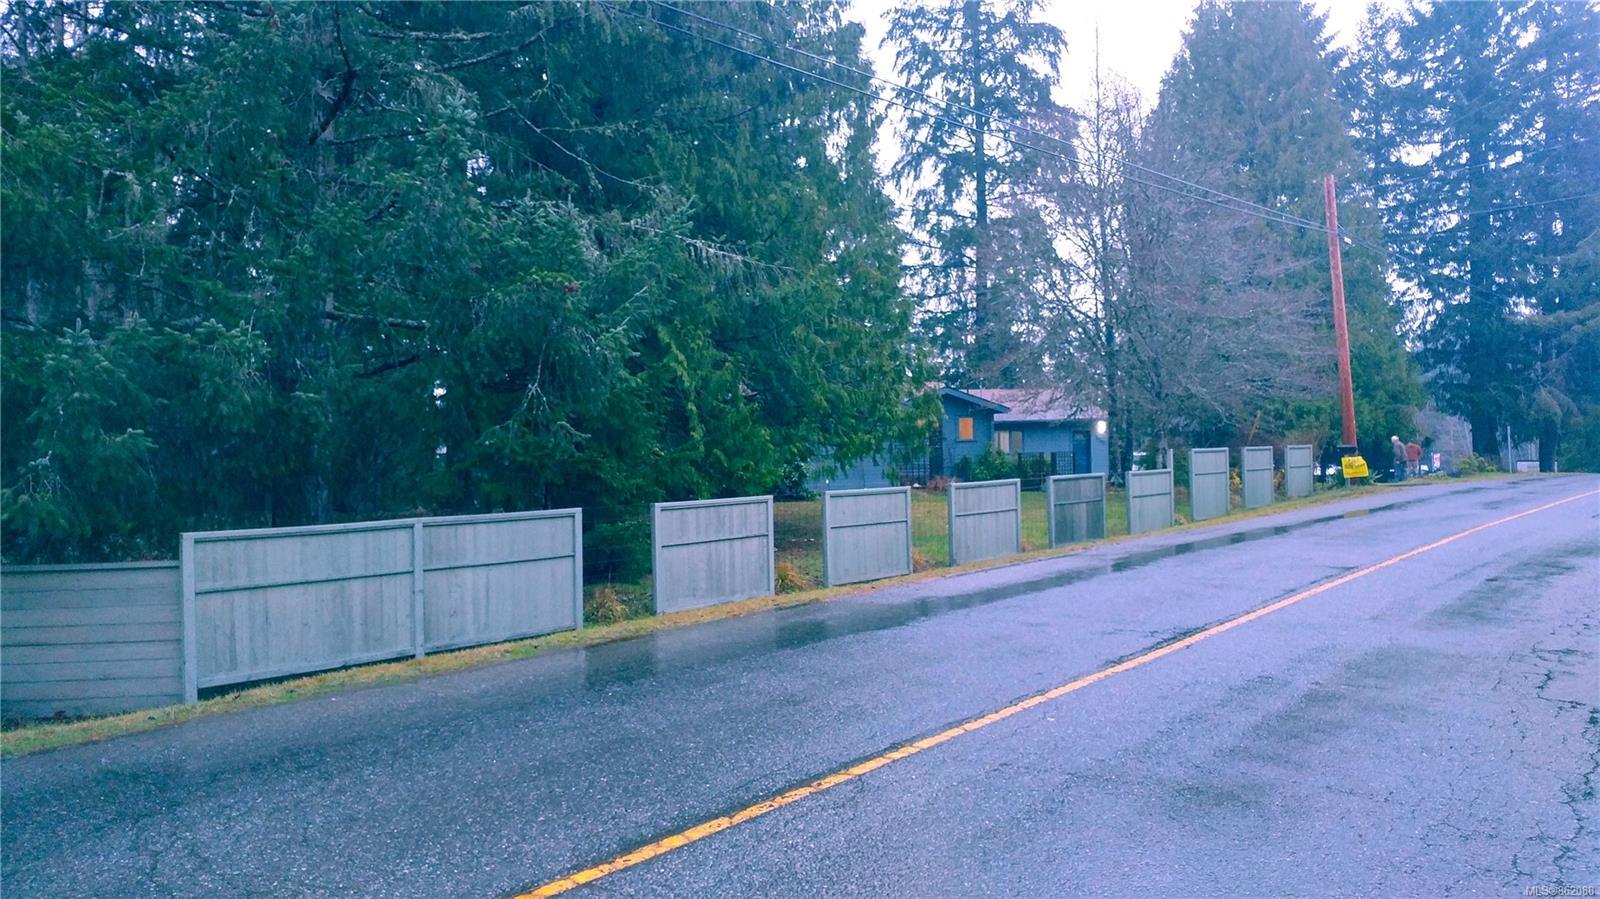 3585 Glenora Rd, Duncan BC V9L 6S3